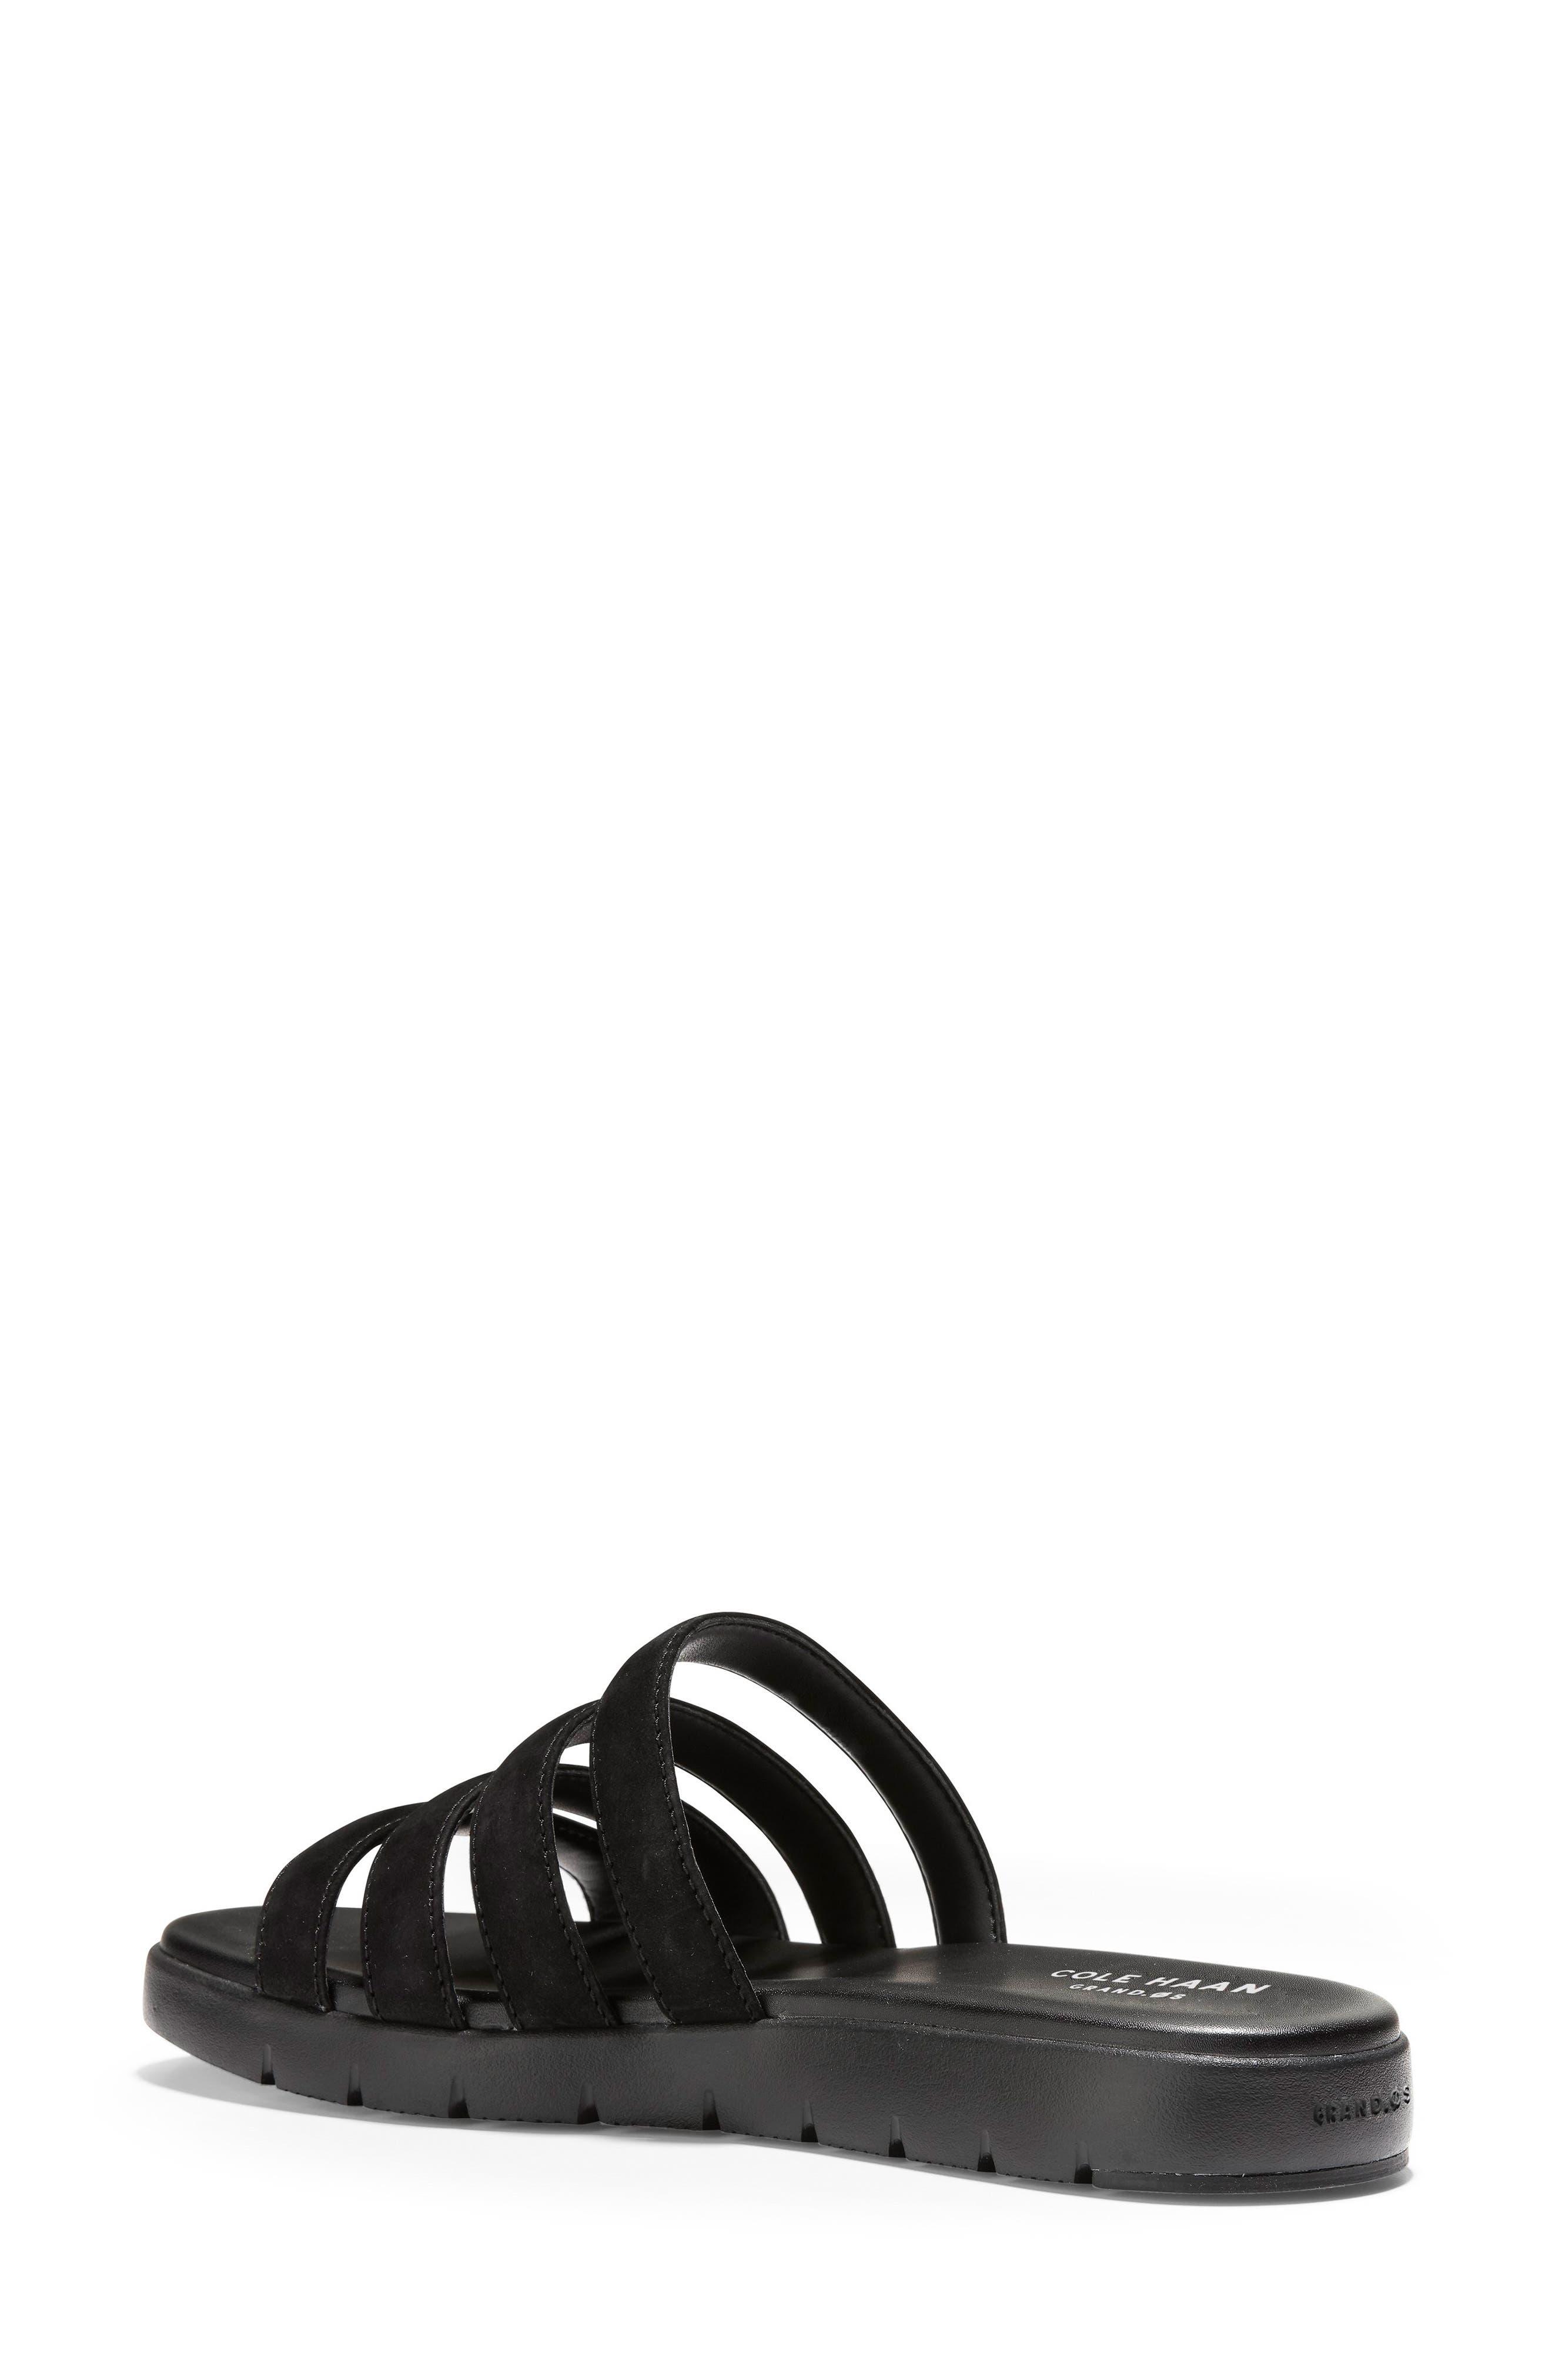 b2a43c5f812 Women s Cole Haan Flat Heeled Sandals